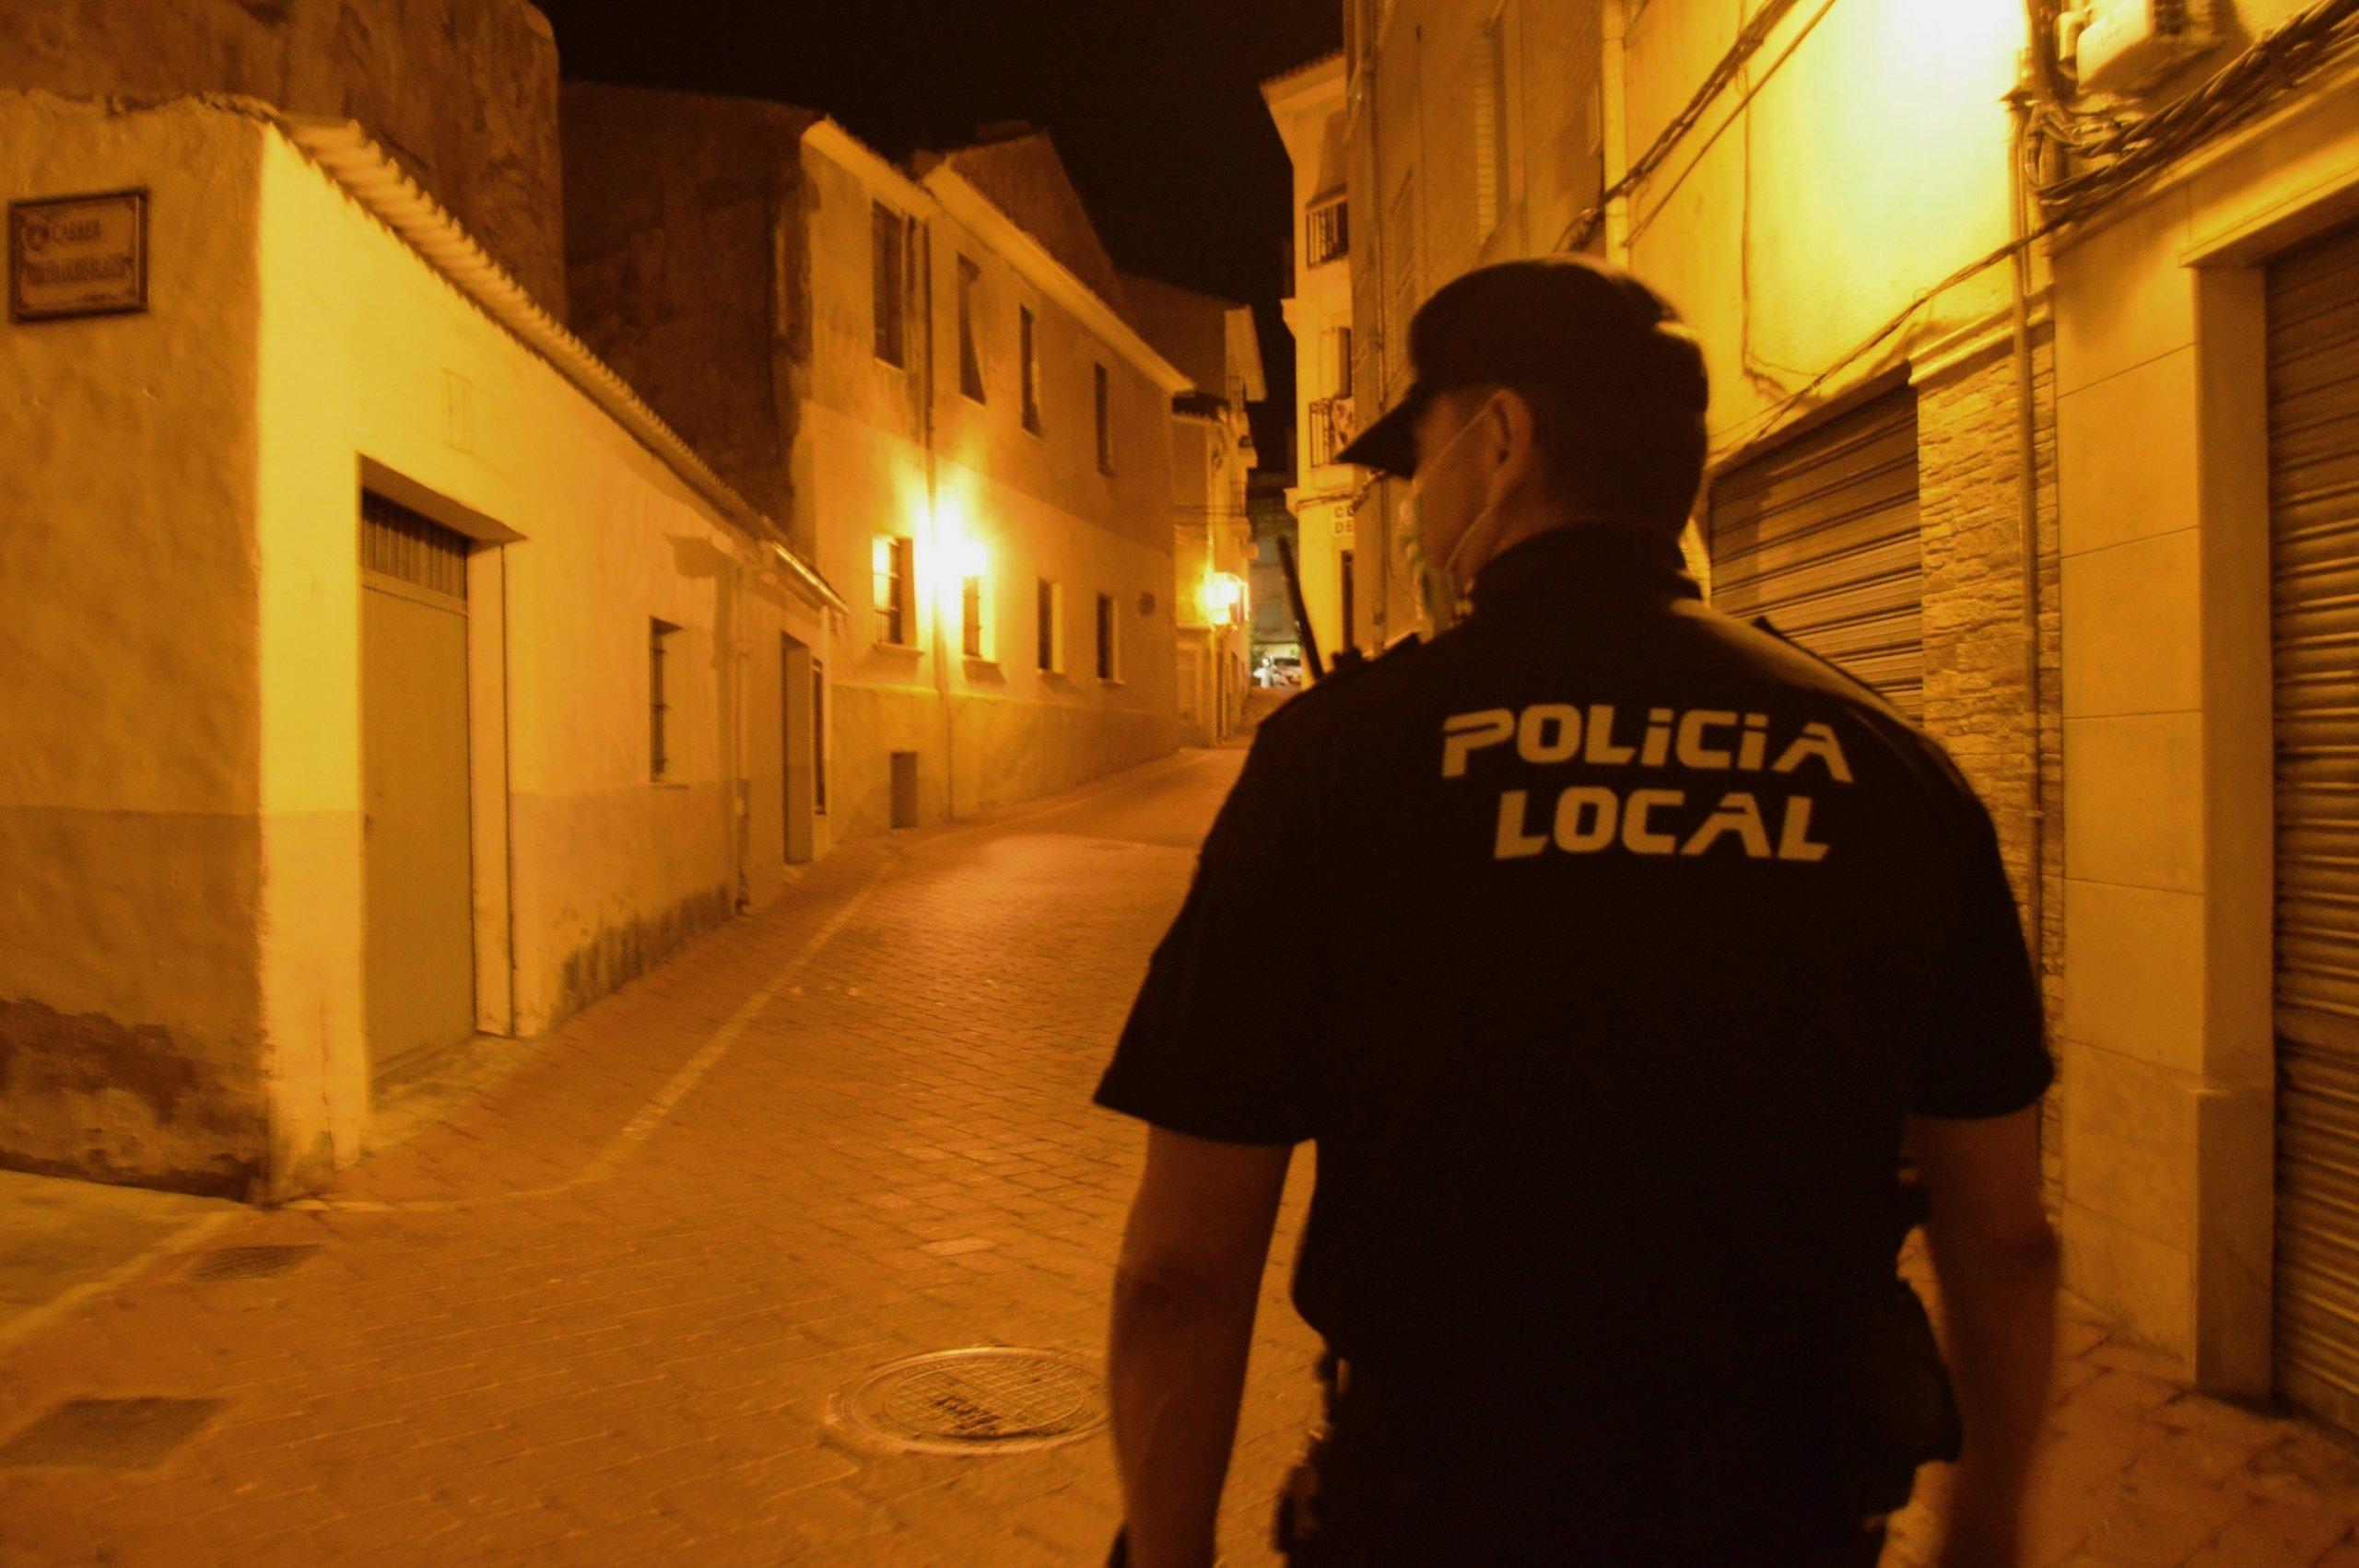 La Policia Local de Petrer alça 32 actes de sanció el cap de setmana per incompliments del perimetratge i les mesures deseguretat Notícia destacada - #Petrer